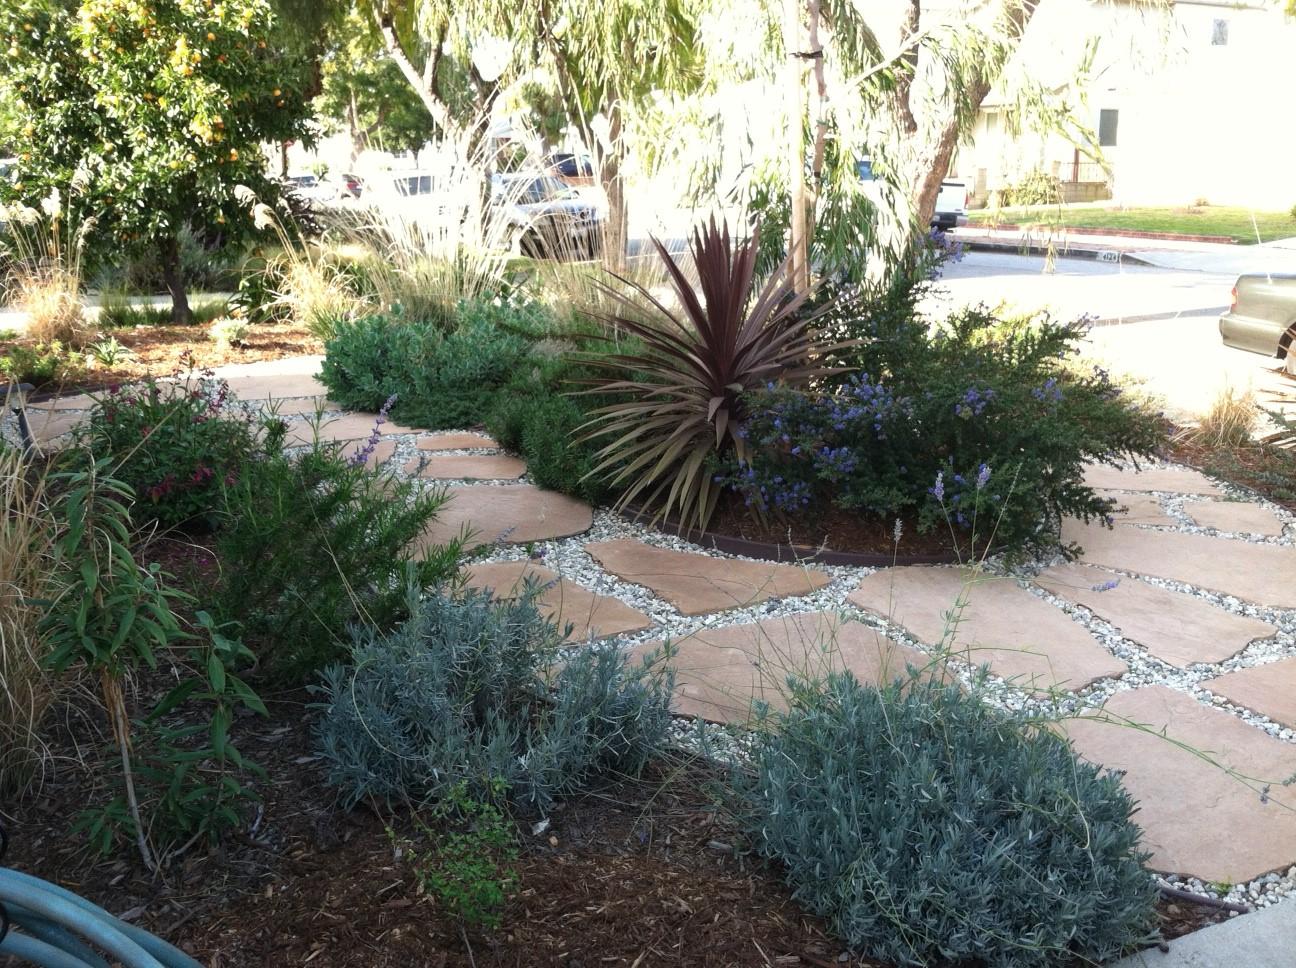 mar vista green garden showcase 4129 moore street